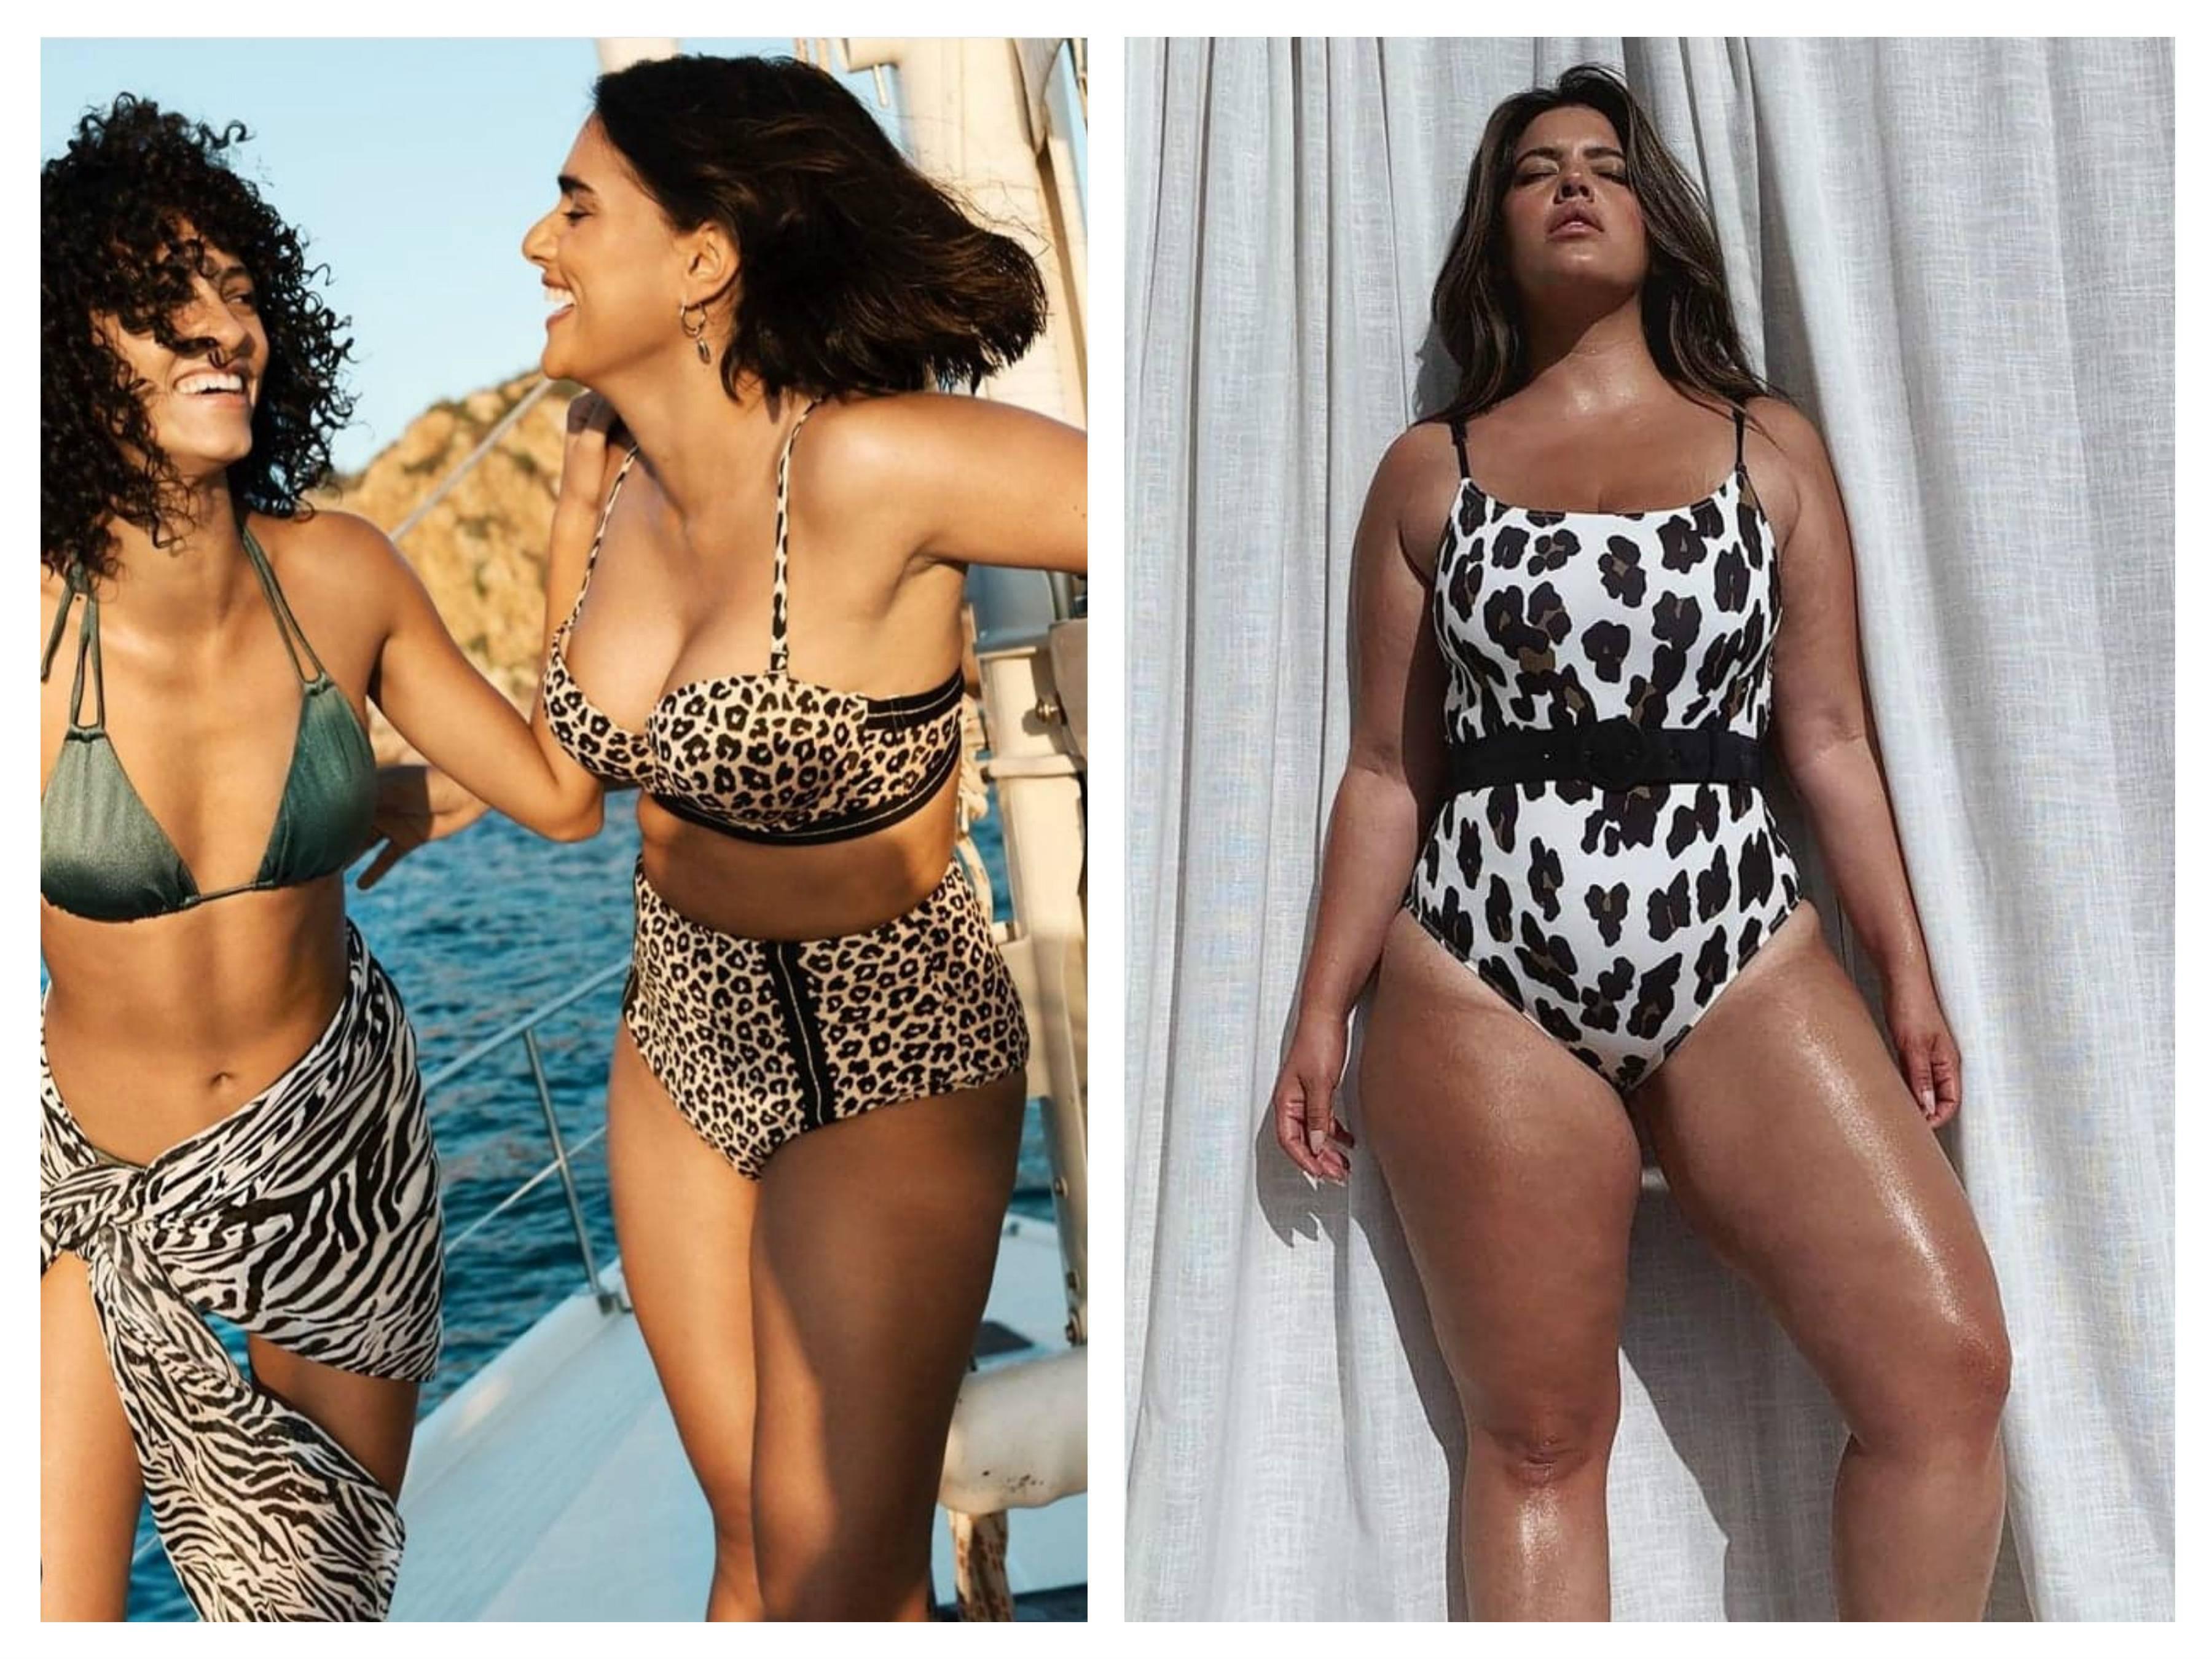 купальник по типу фигуры как выбрать купальник модный цельный раздельный